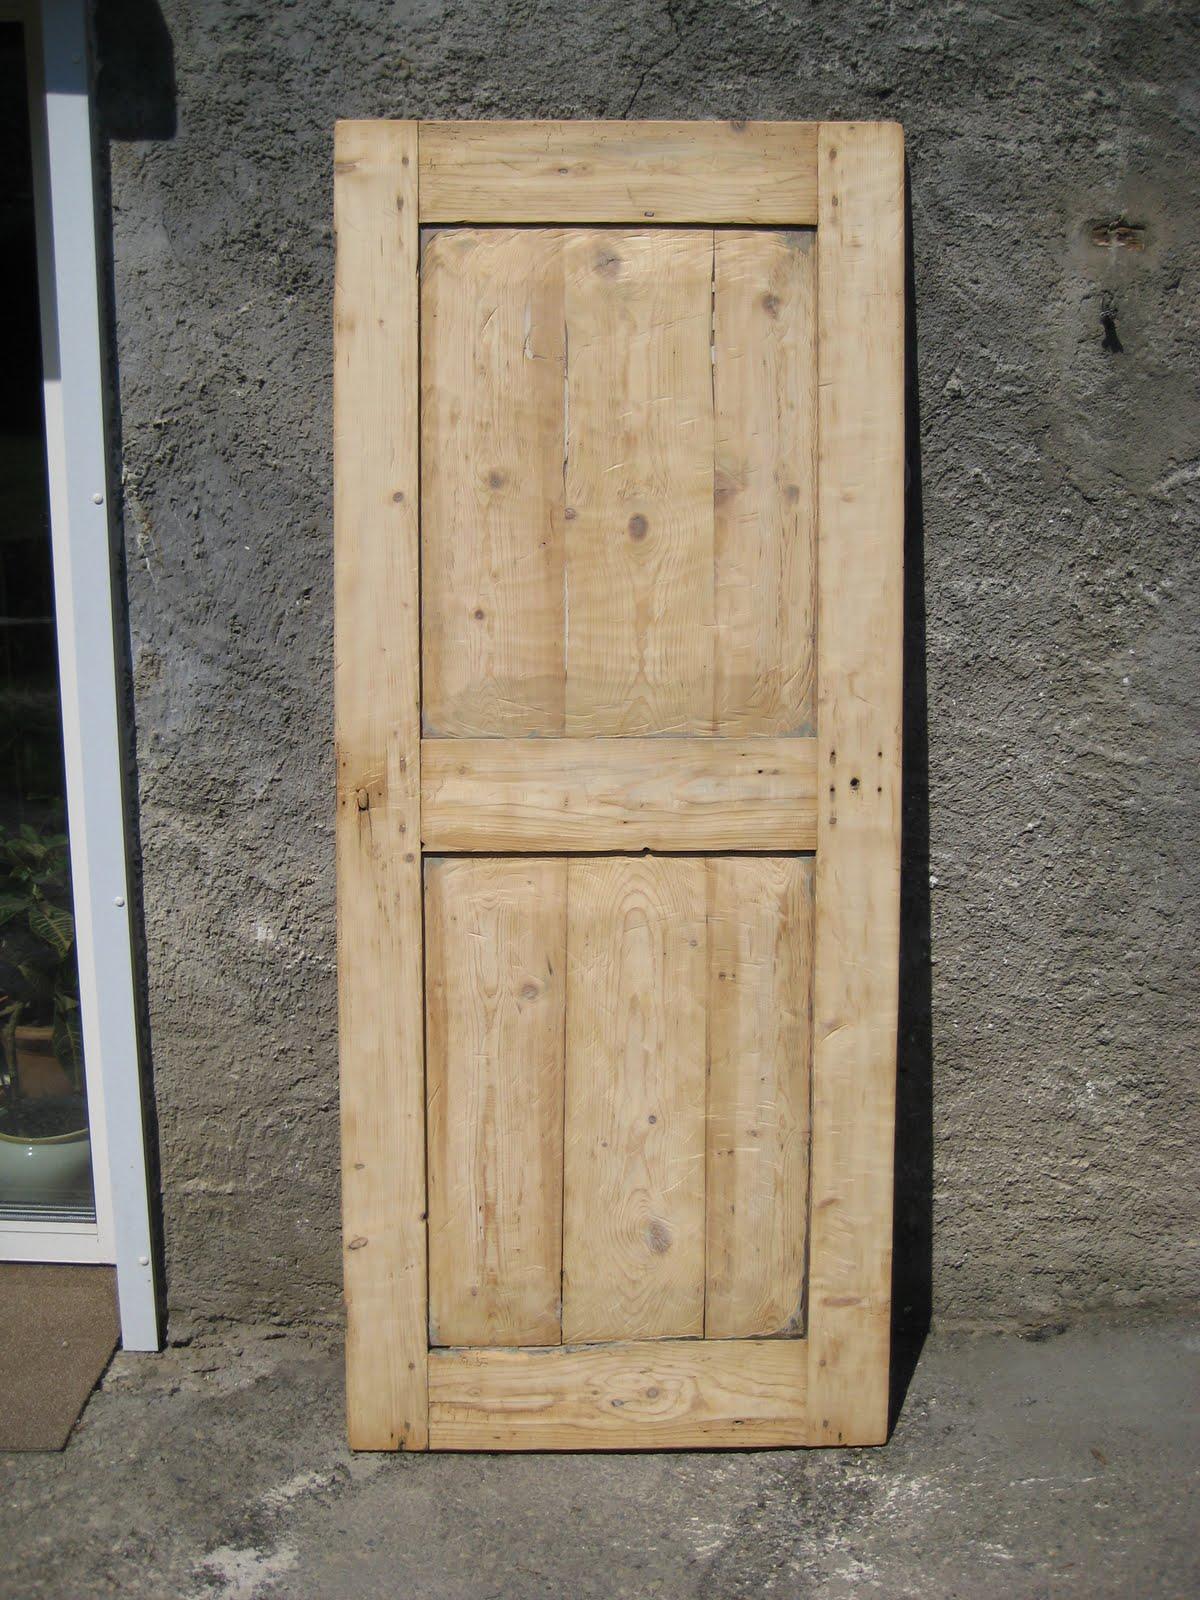 notre petit coin de paradis la petite histoire d 39 une porte. Black Bedroom Furniture Sets. Home Design Ideas